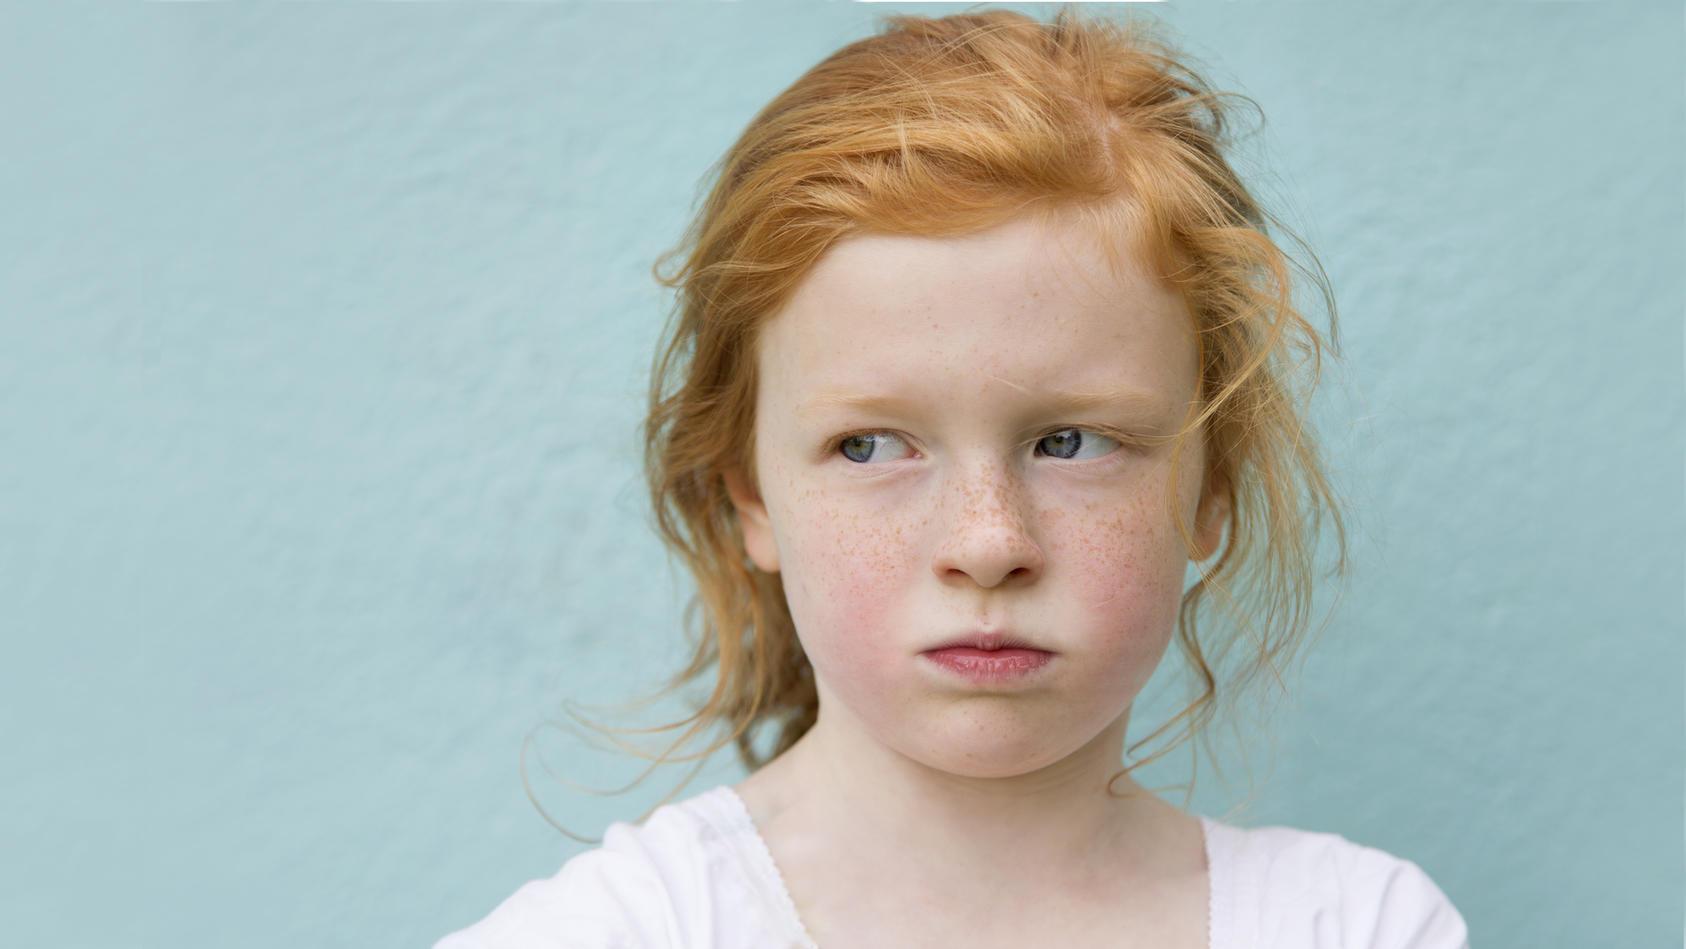 Ein Casting-Aufruf für eine Milka-Werbung sorgt für Wirbel. Werden rothaarige Kinder damit diskriminiert?